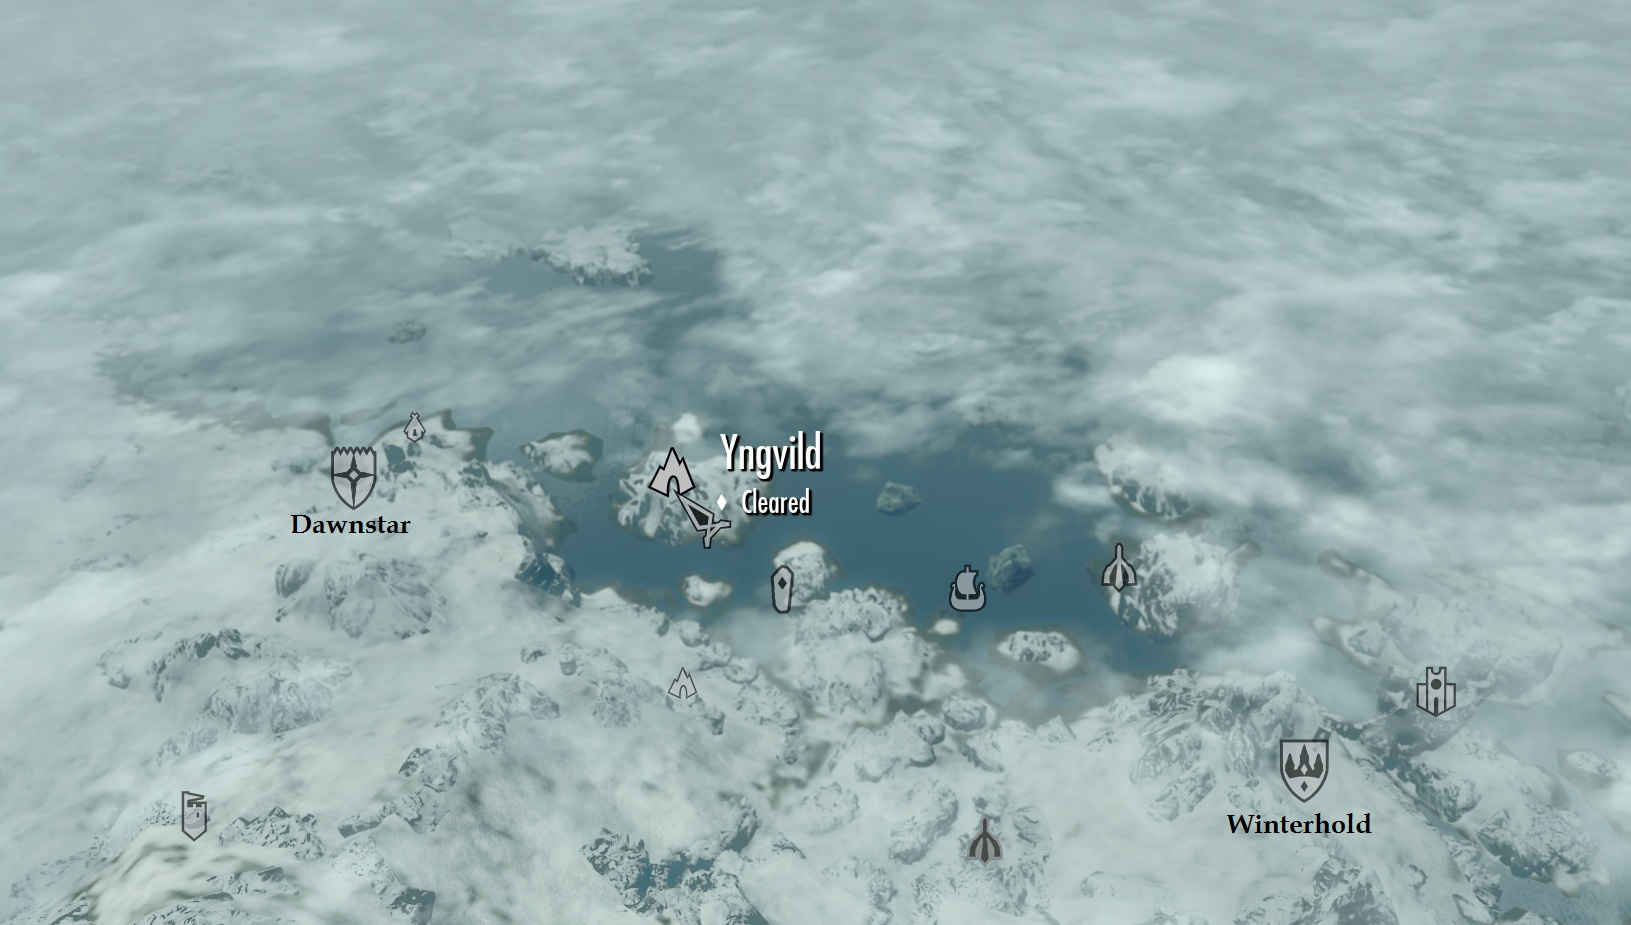 Yngvild Elder Scrolls Fandom Powered By Wikia